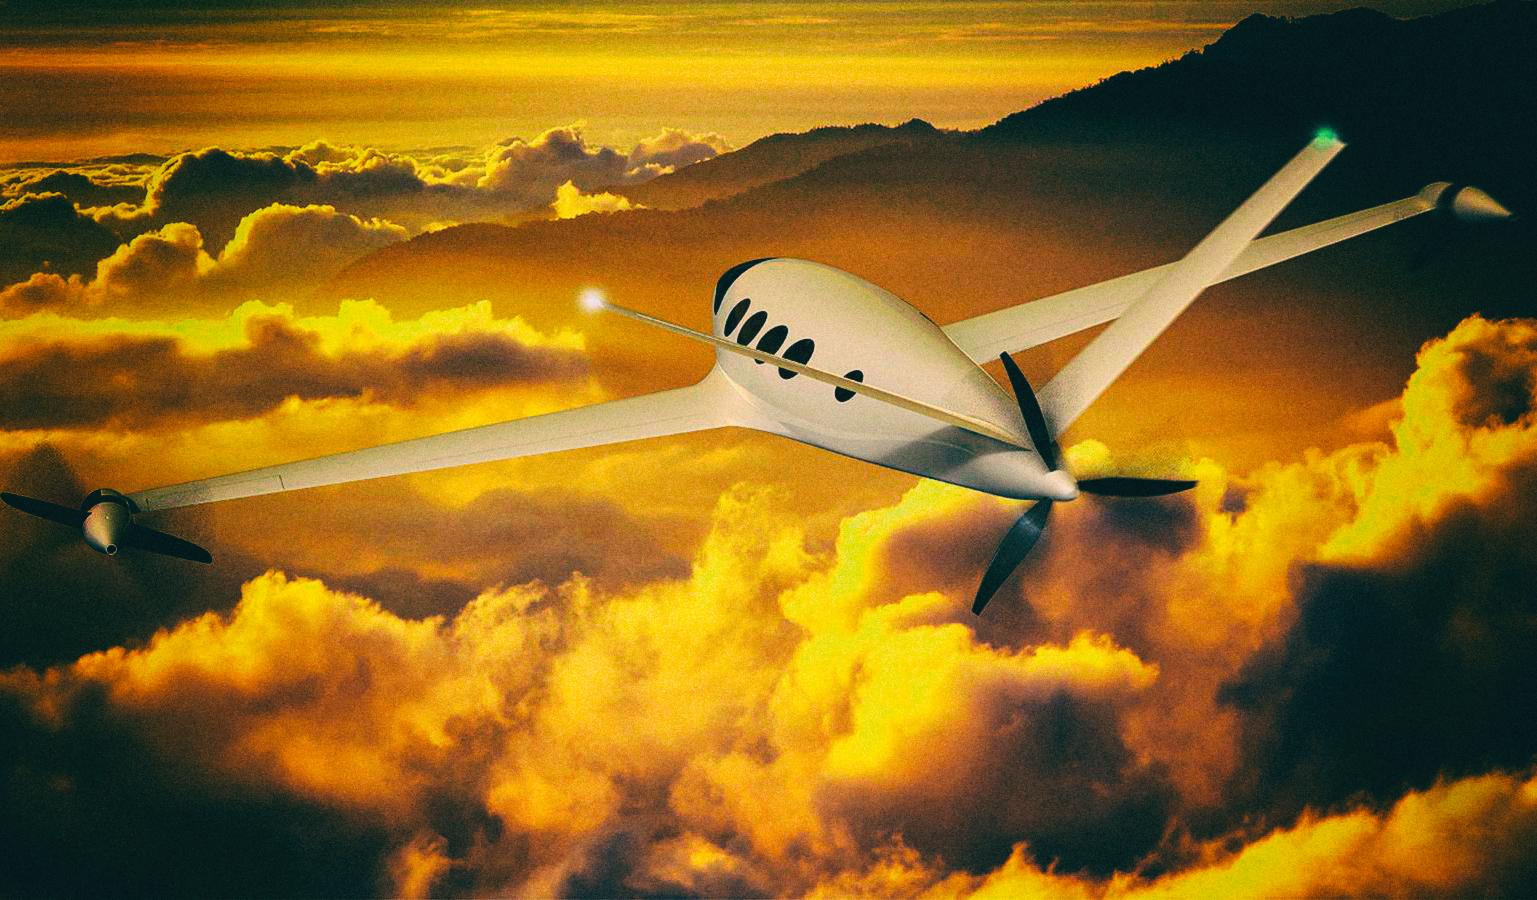 Разработан высокоэффективный электрический самолет